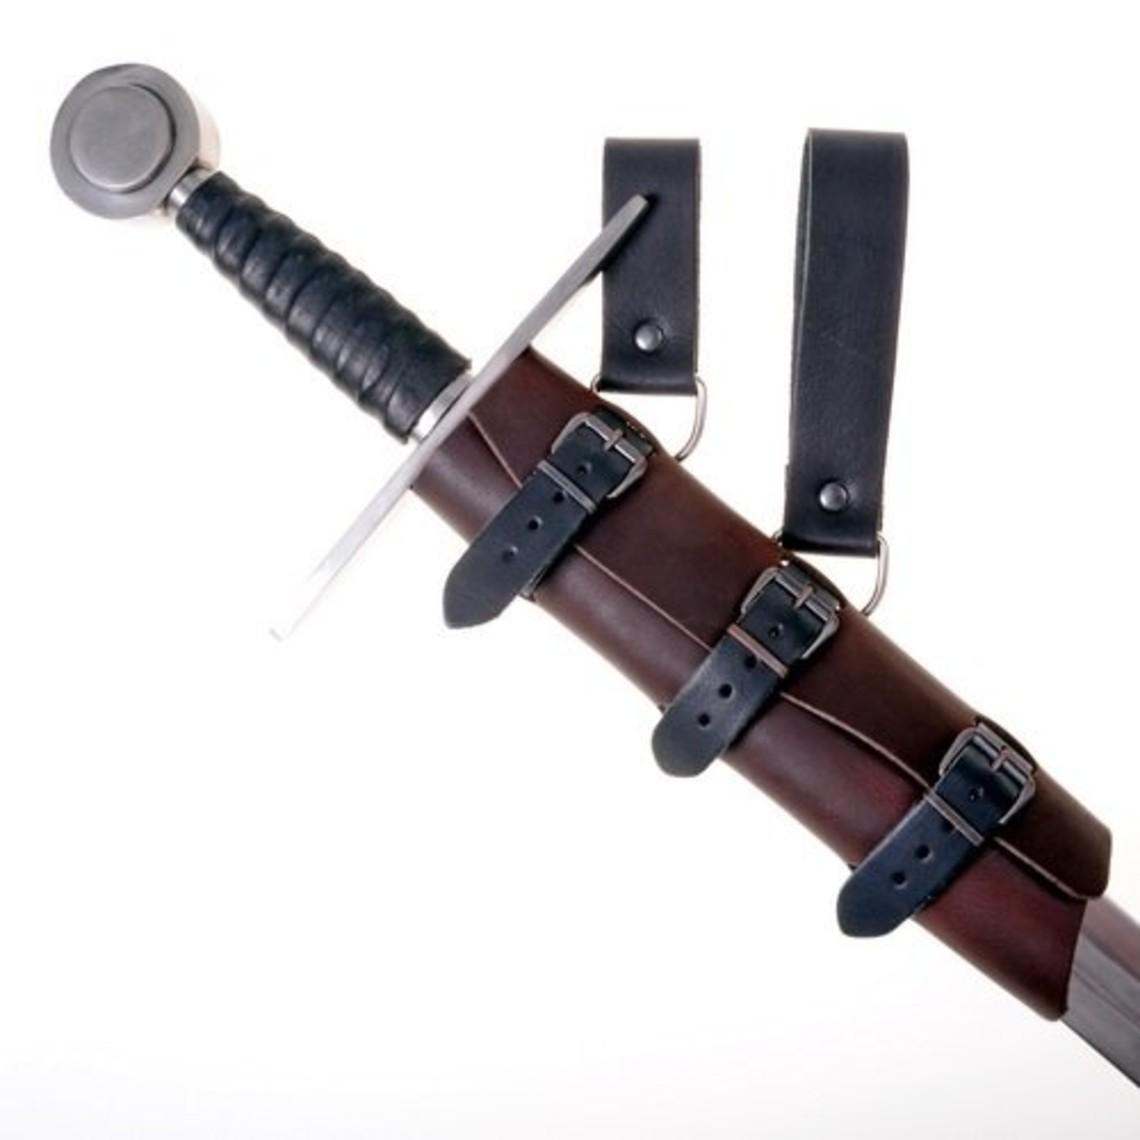 Porte-épée en cuir de luxe, noir-brun, à long